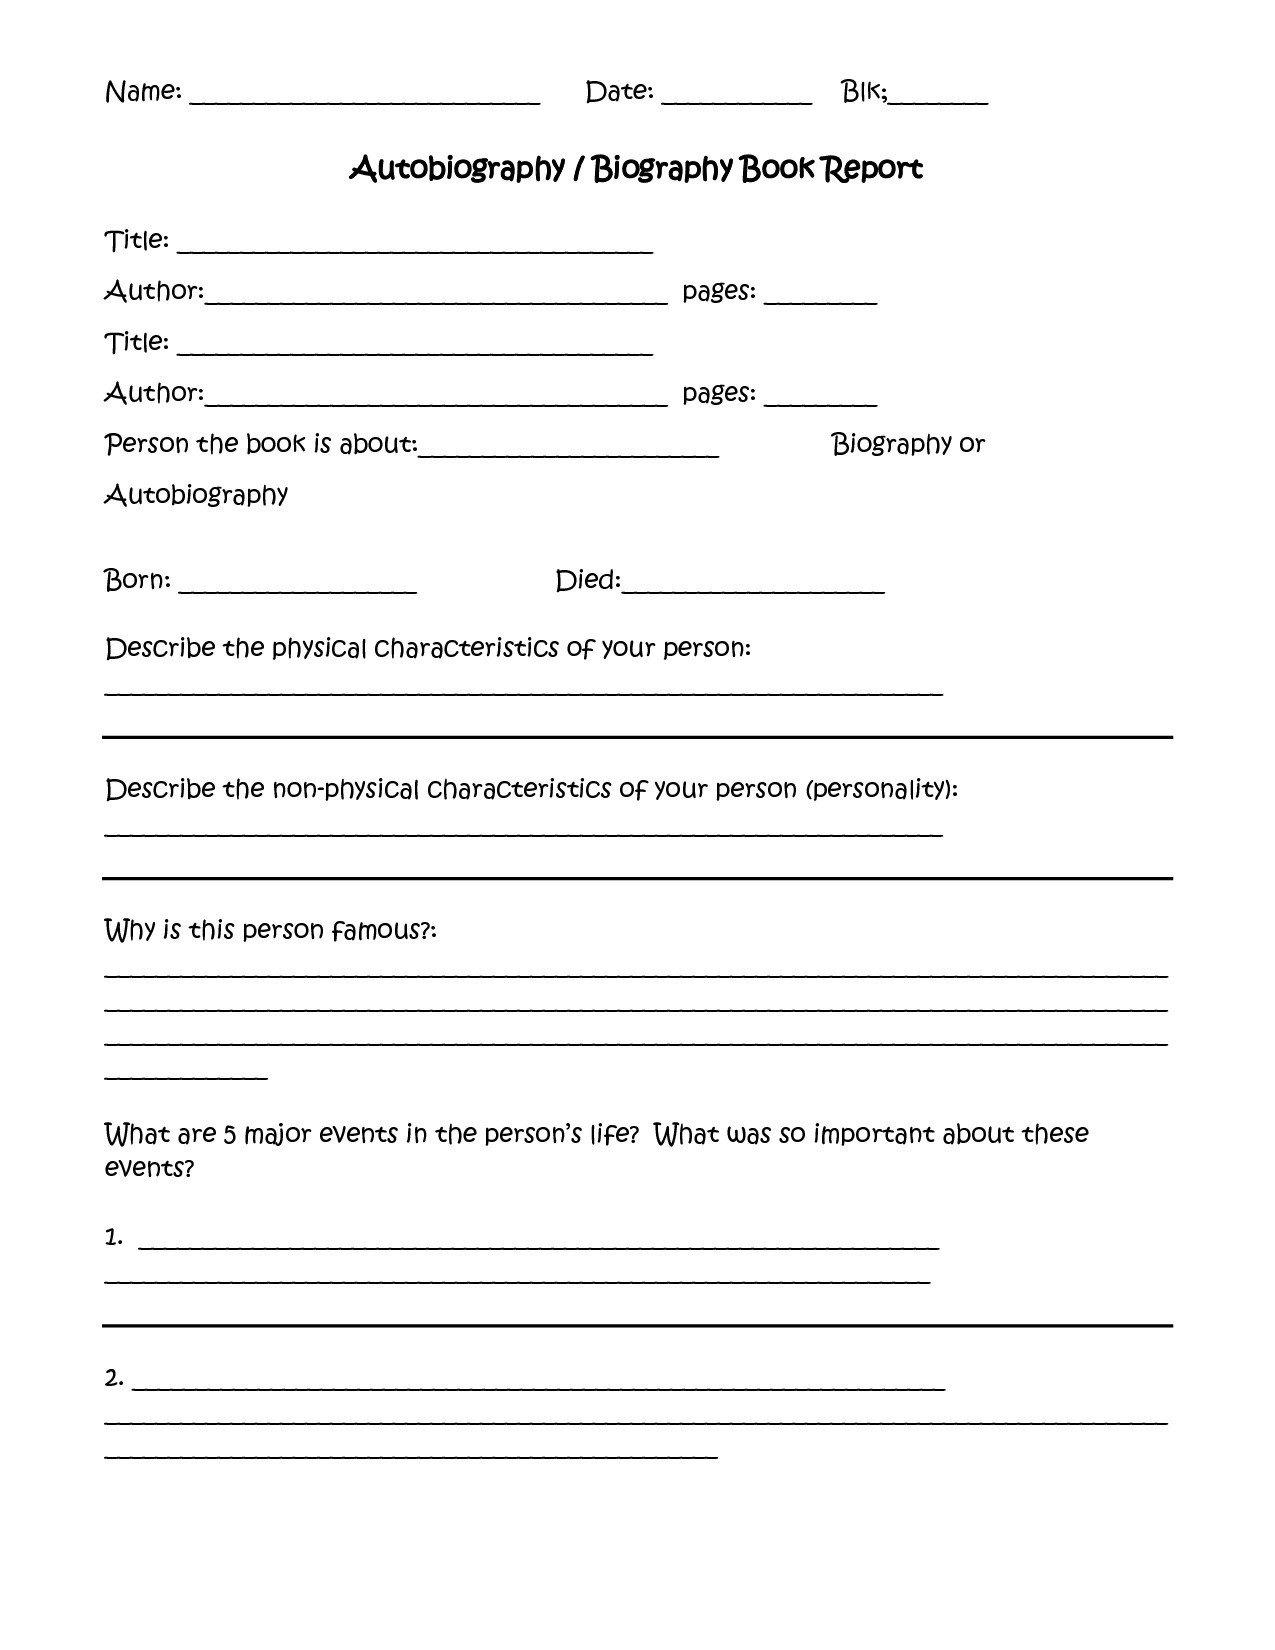 10 Stylish 4Th Grade Book Report Ideas 4th grade book report template best templates ideas 2021